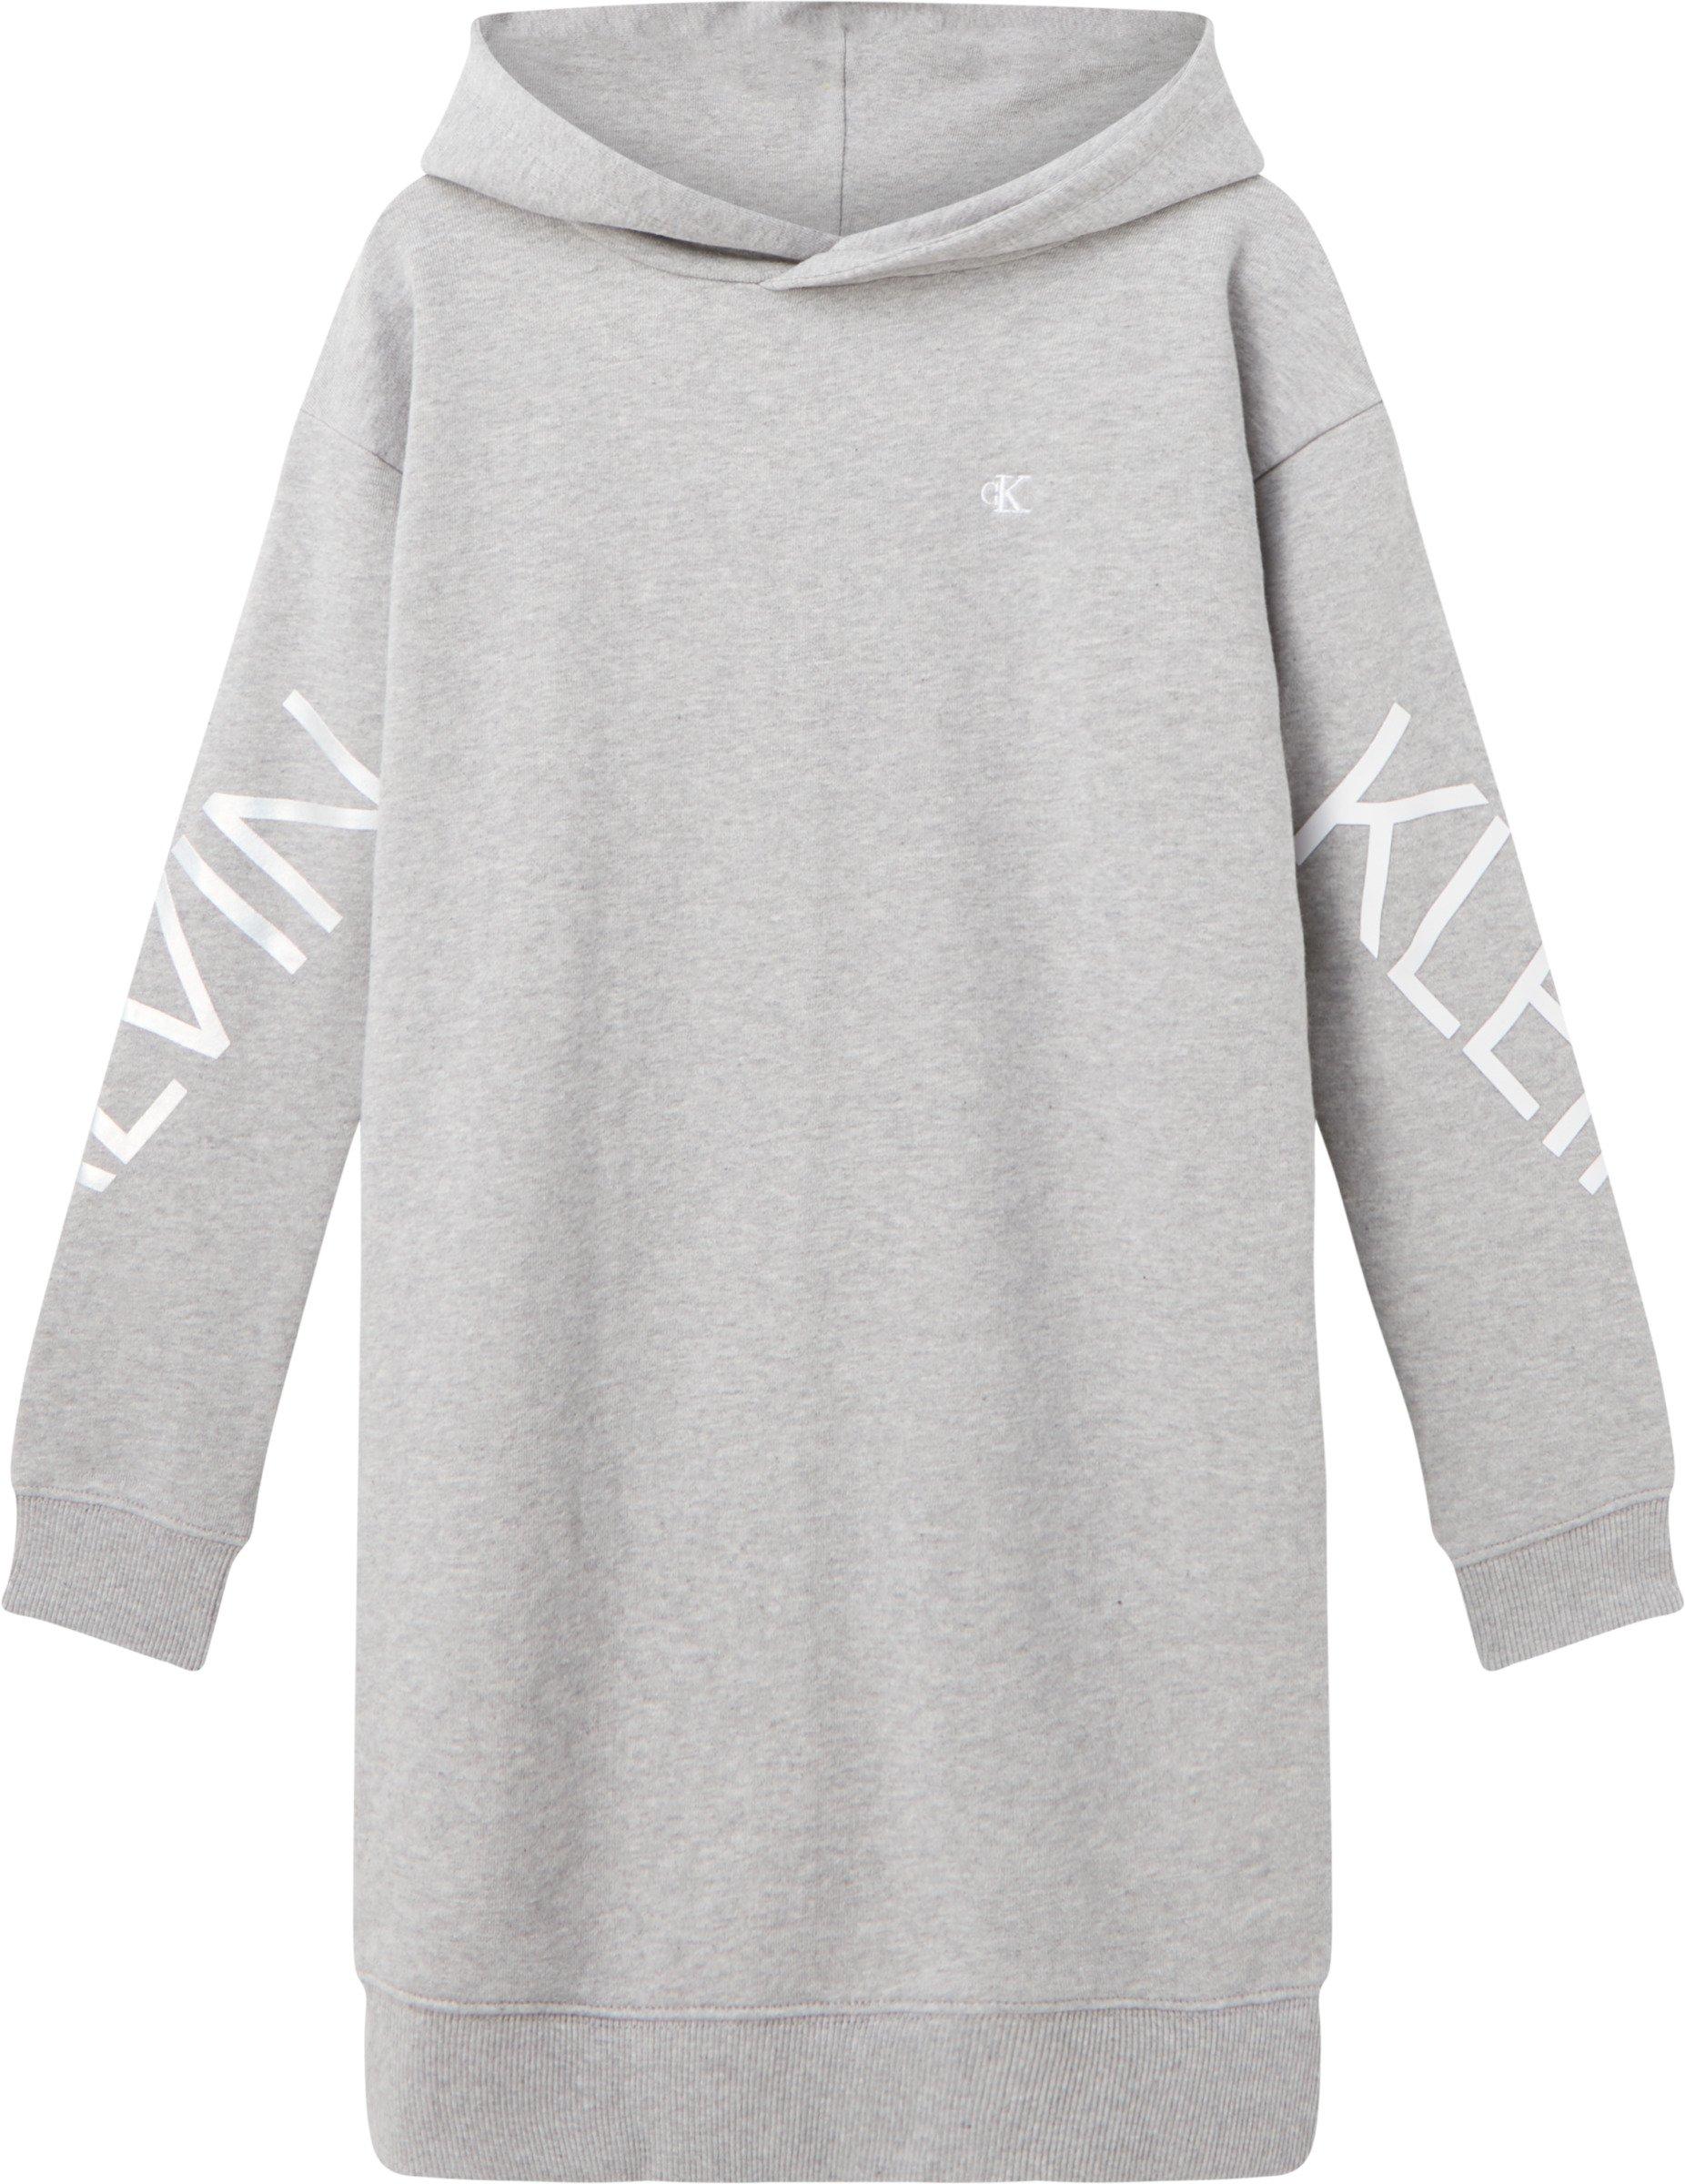 Calvin Klein, hero logo, hupparimekko